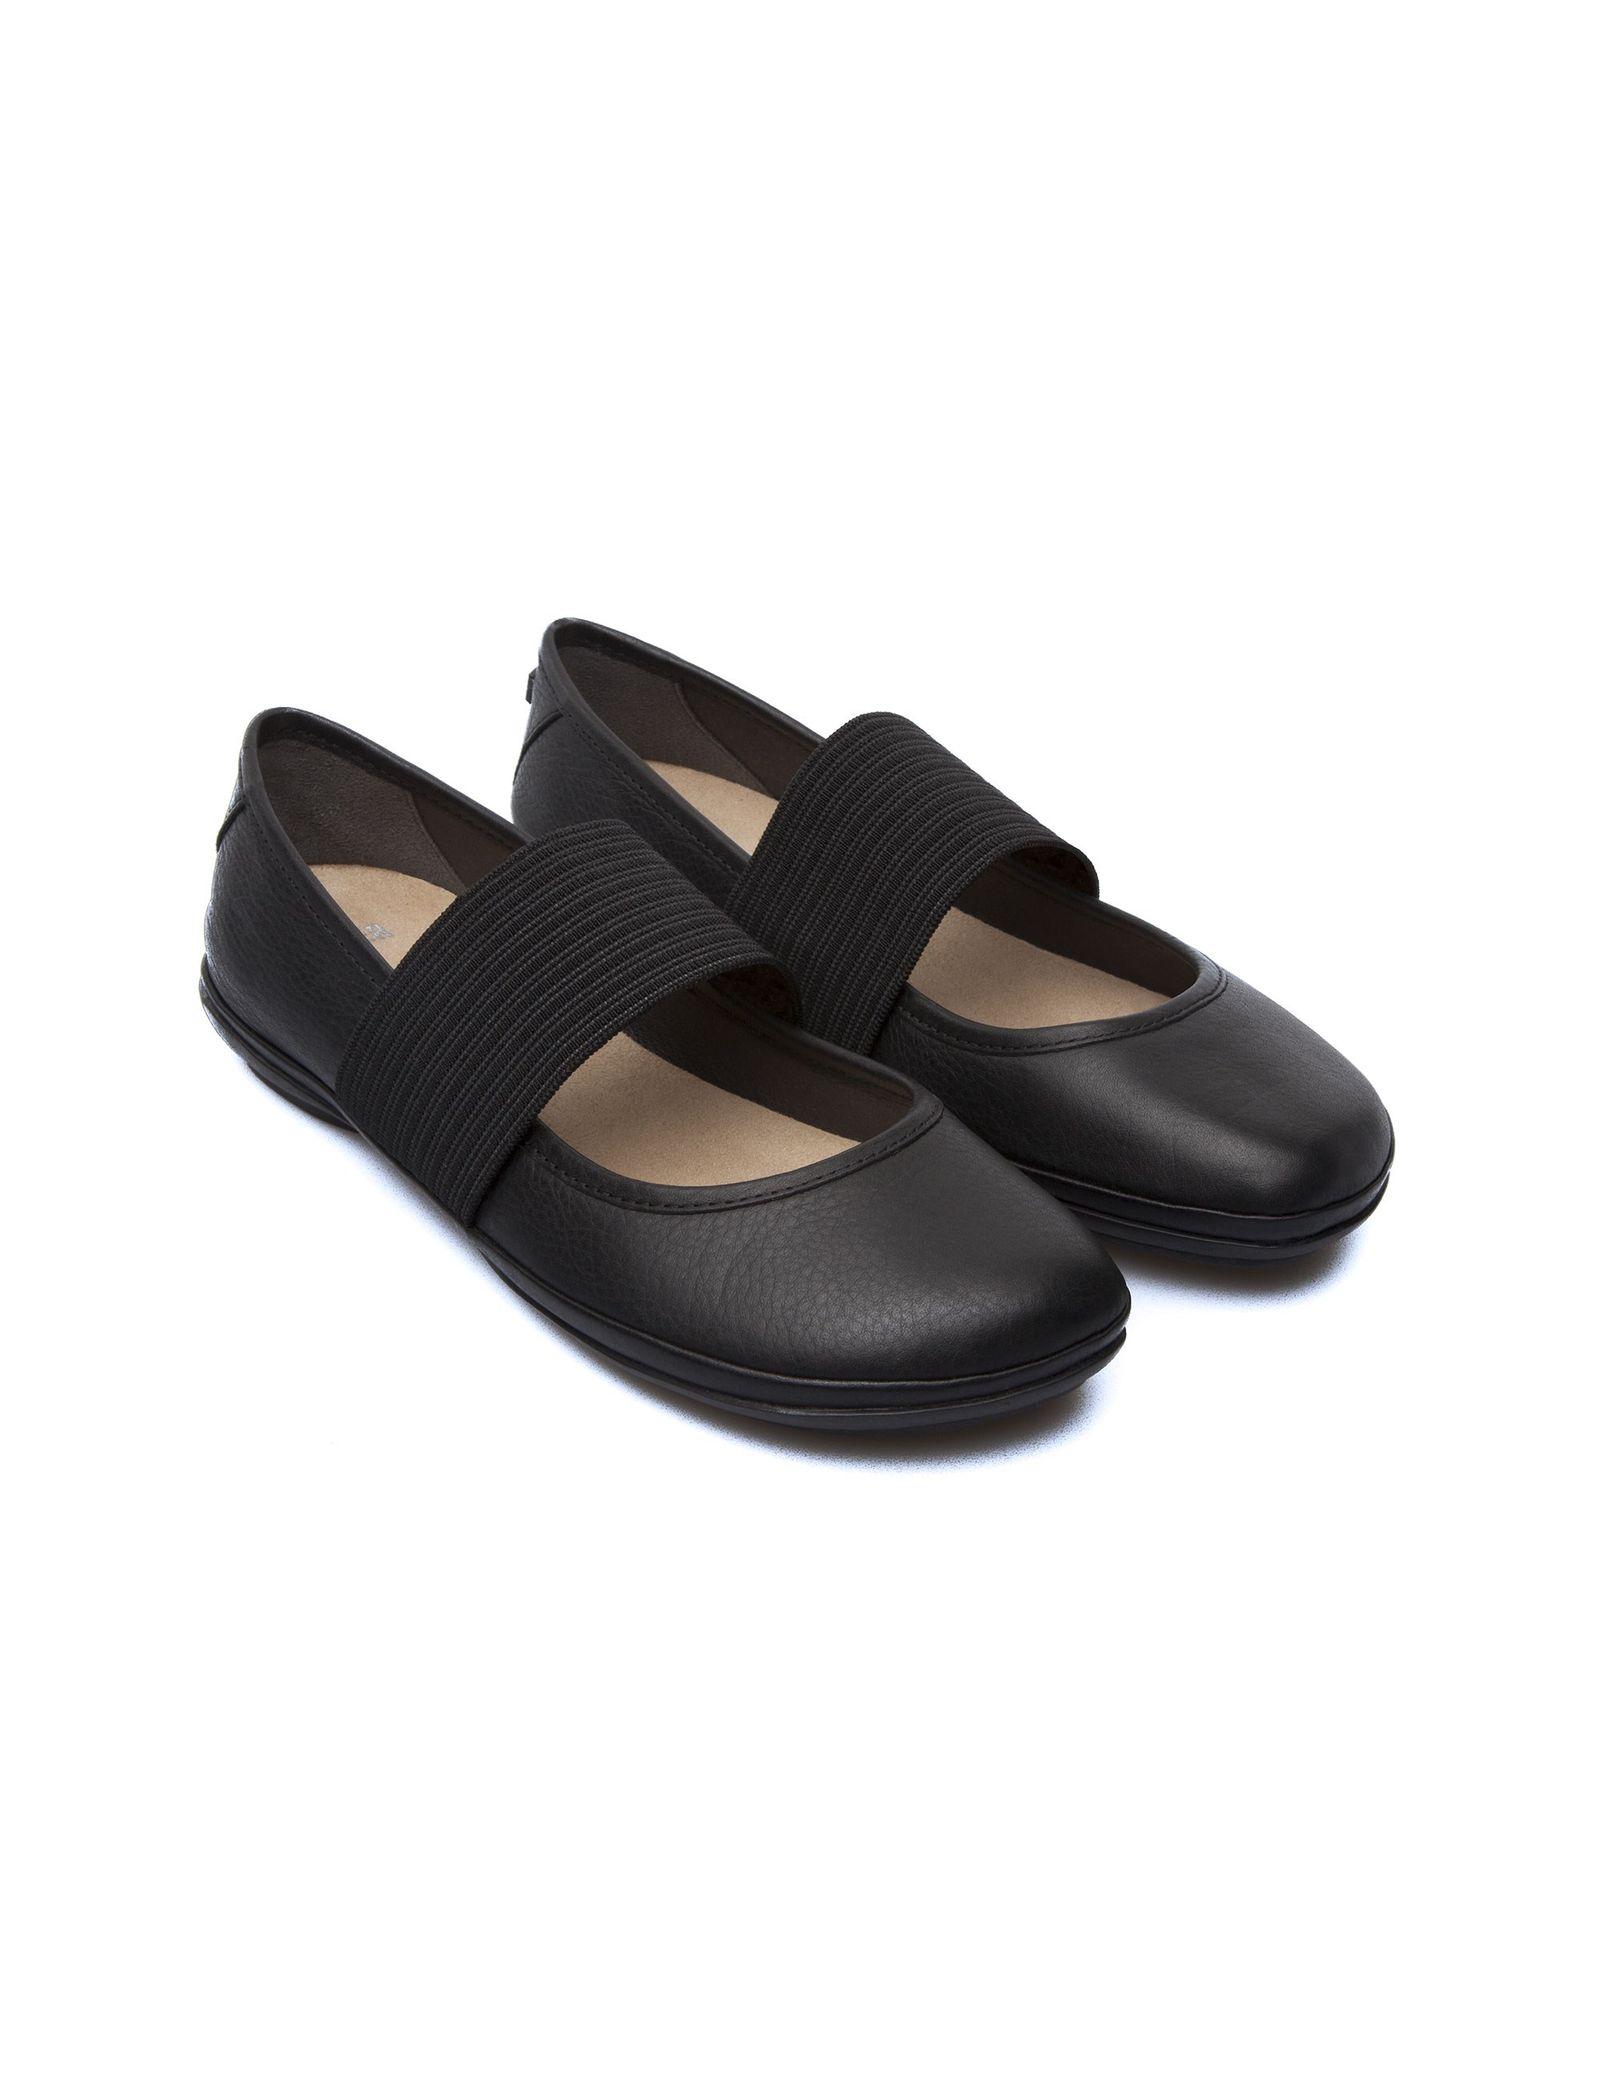 کفش تخت چرم زنانه - کمپر - مشکي - 7